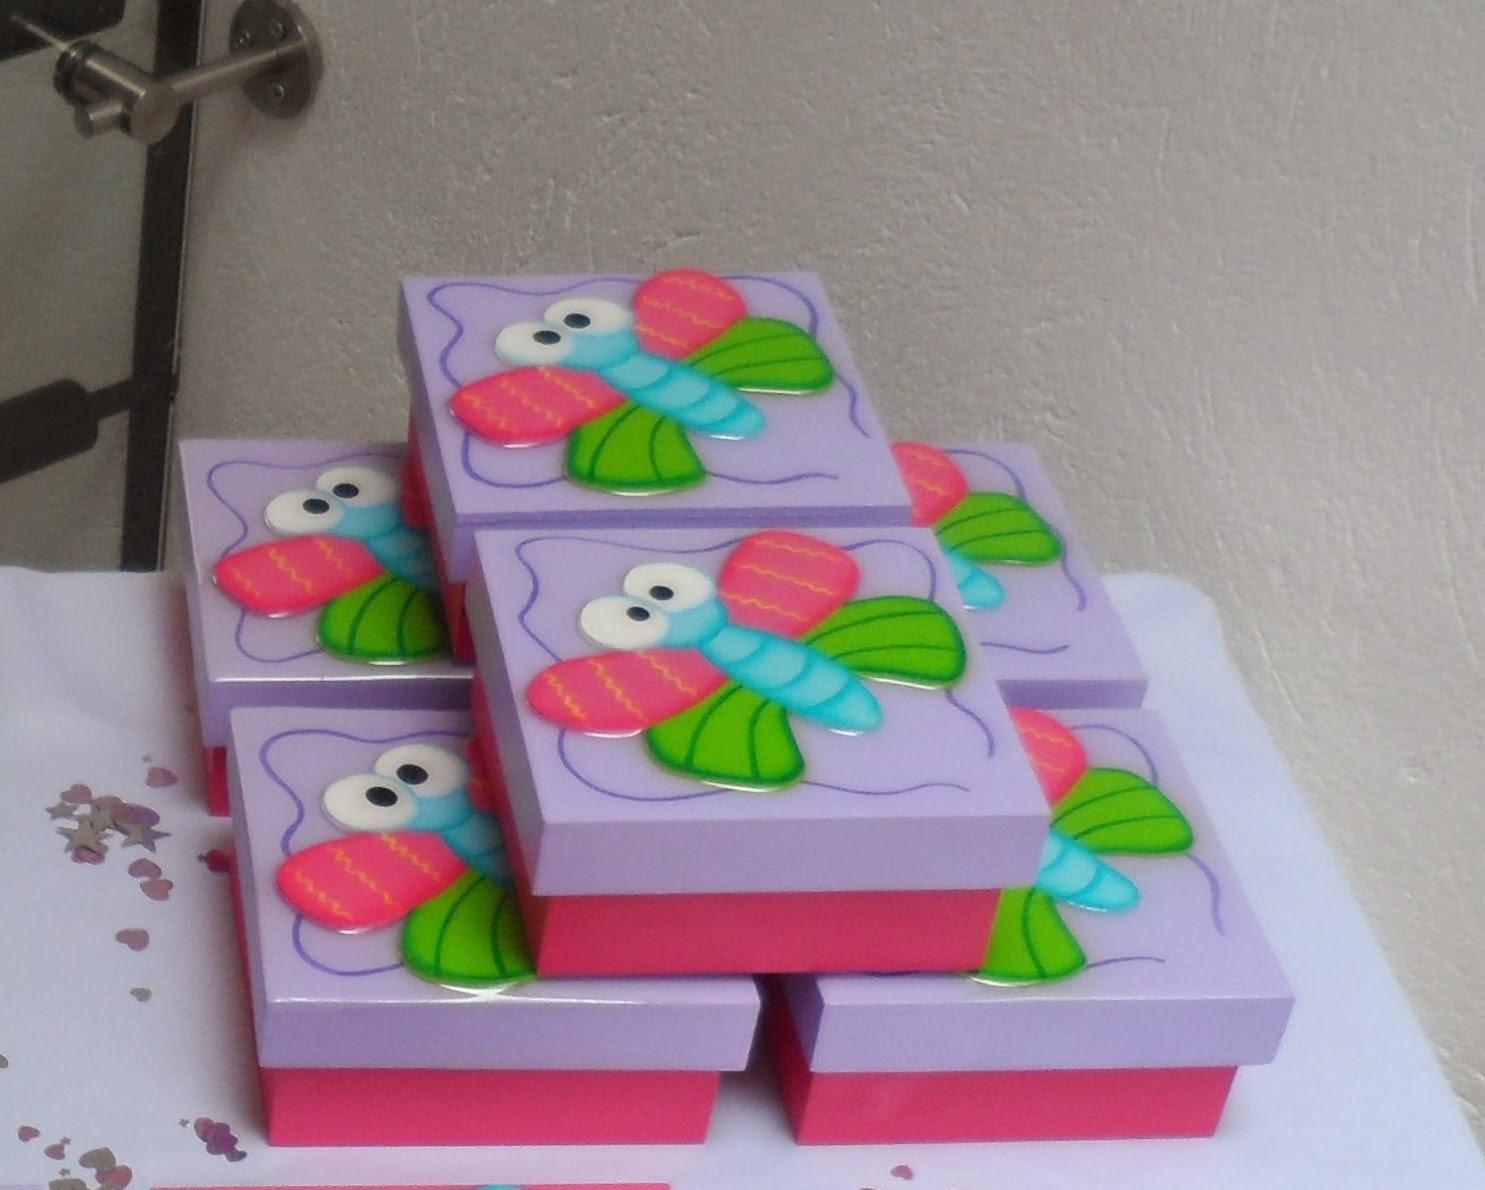 Cajas country multiusos armando luz decoraci n en cali - Cajas de madera decoracion ...